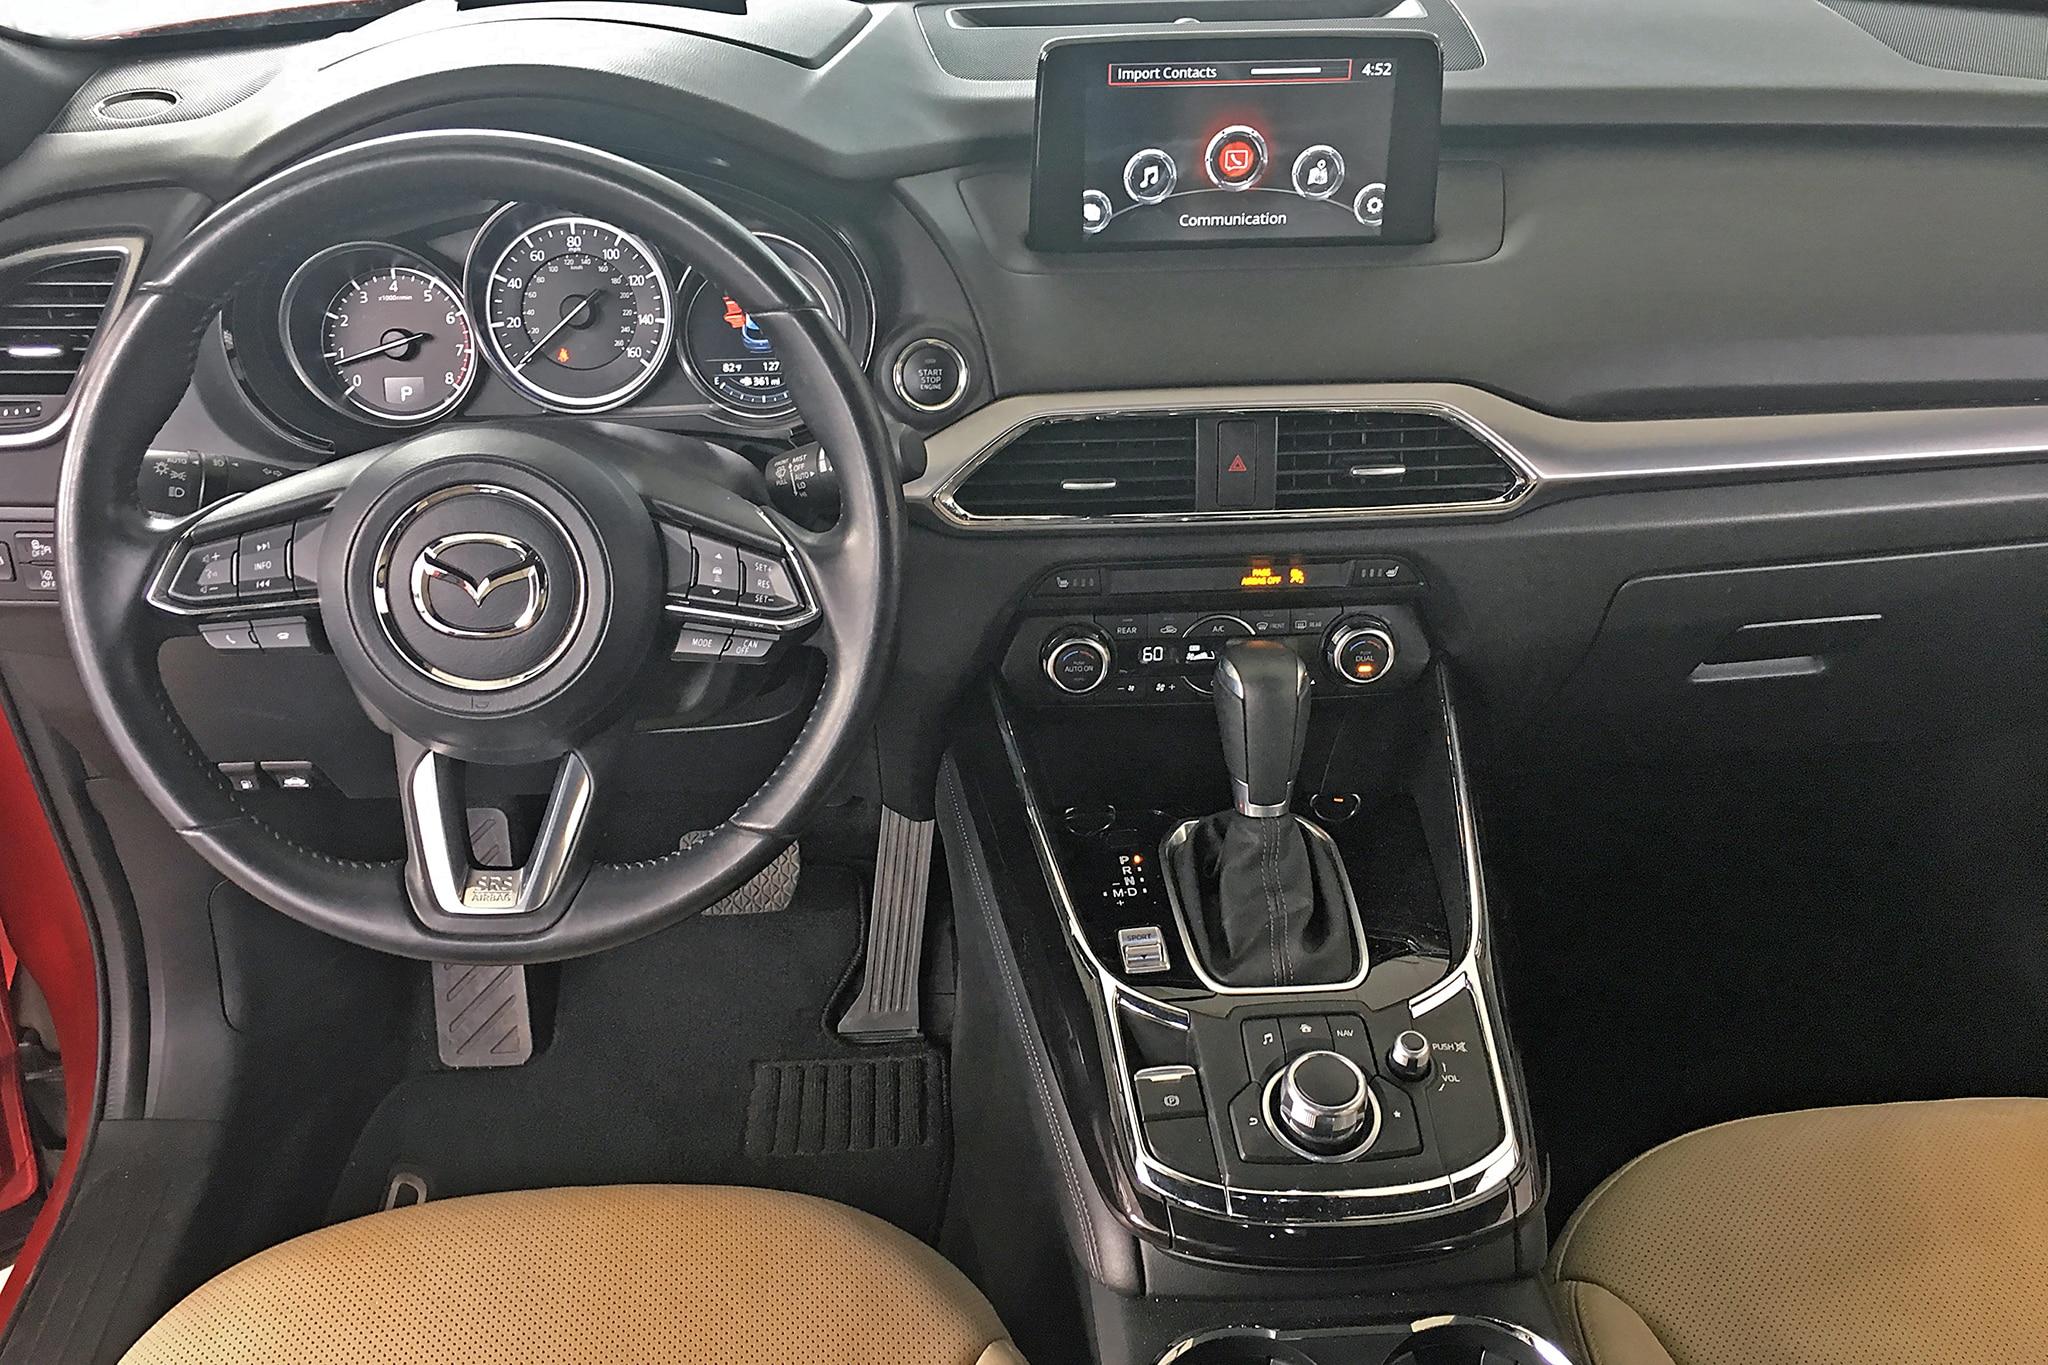 2017 Mazda CX-9 Grand Touring | Automobile Magazine